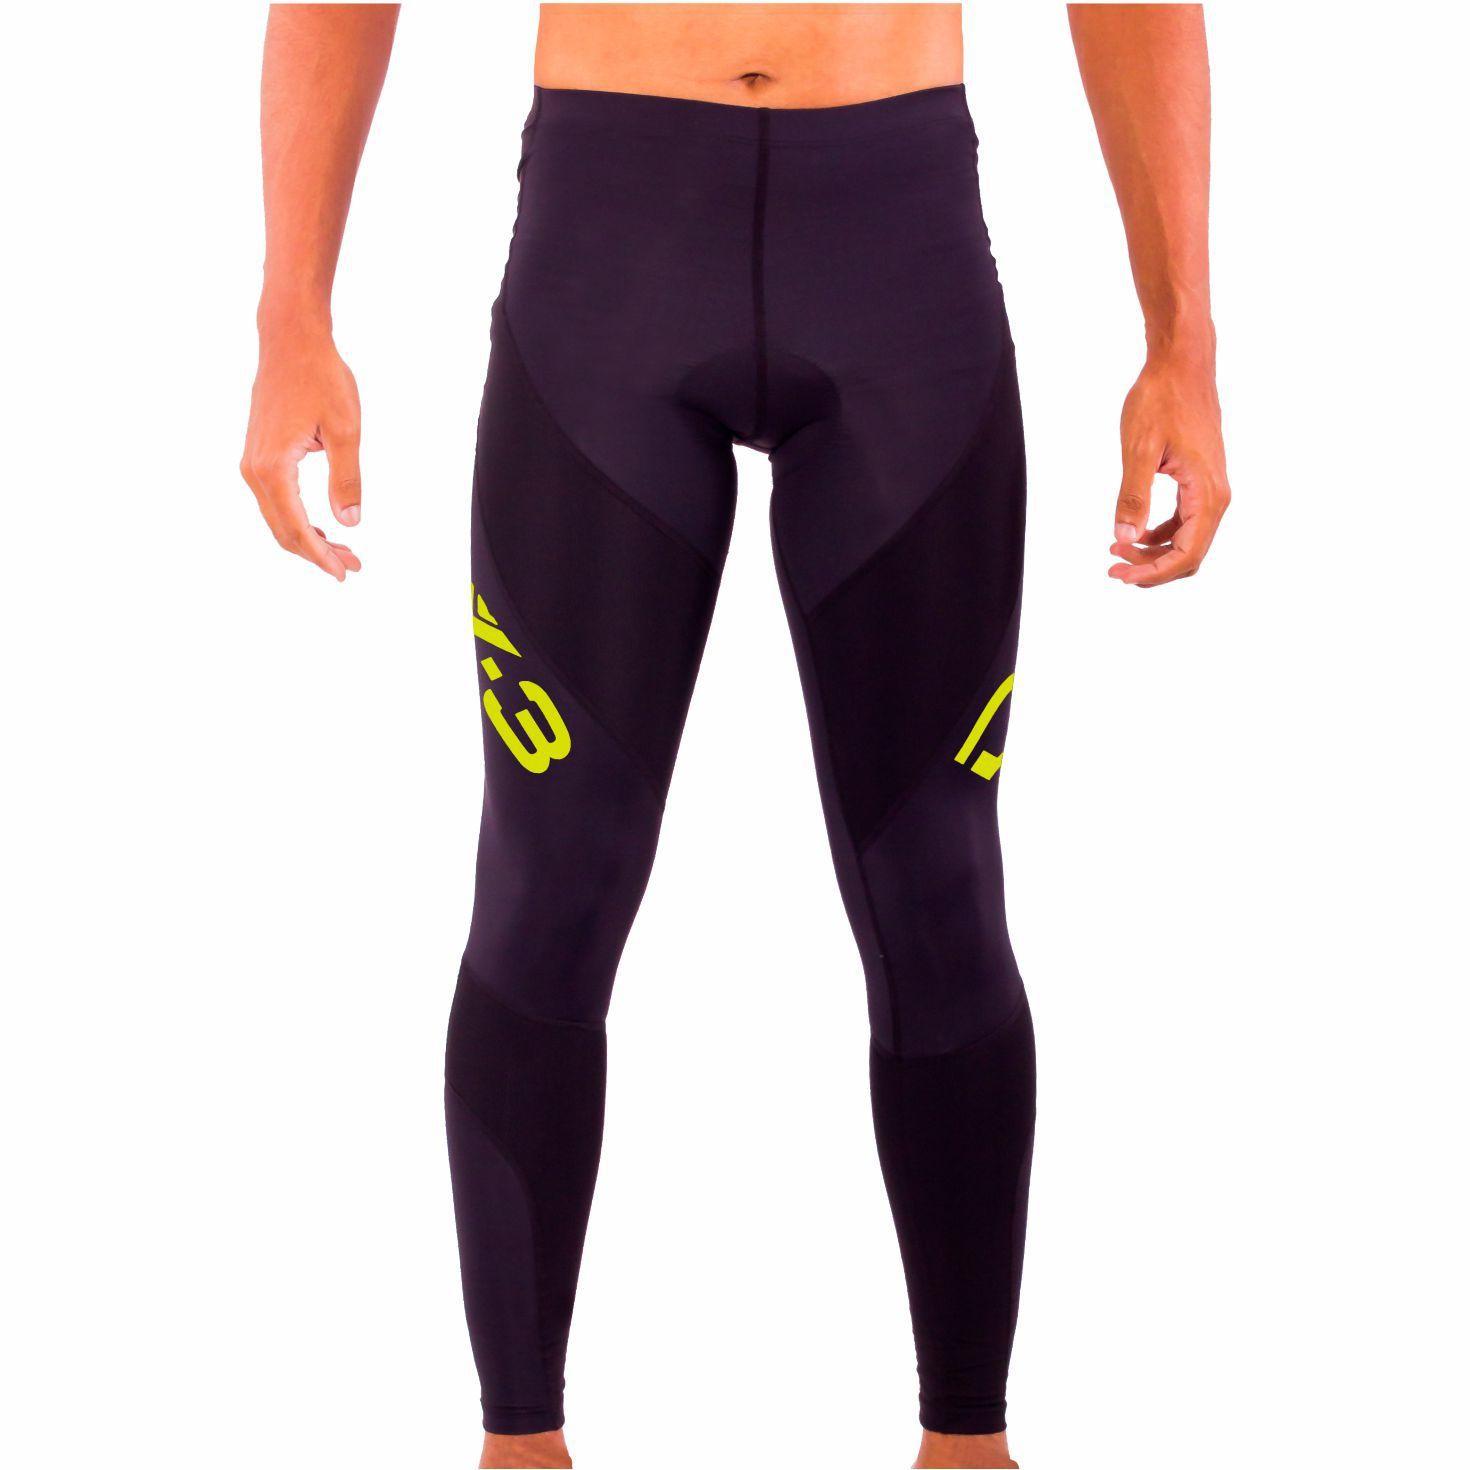 f74a3bfc311f8 Calça DX3 X-PRO de compressão Masculina Ciclismo - Equilíbrio Esportes